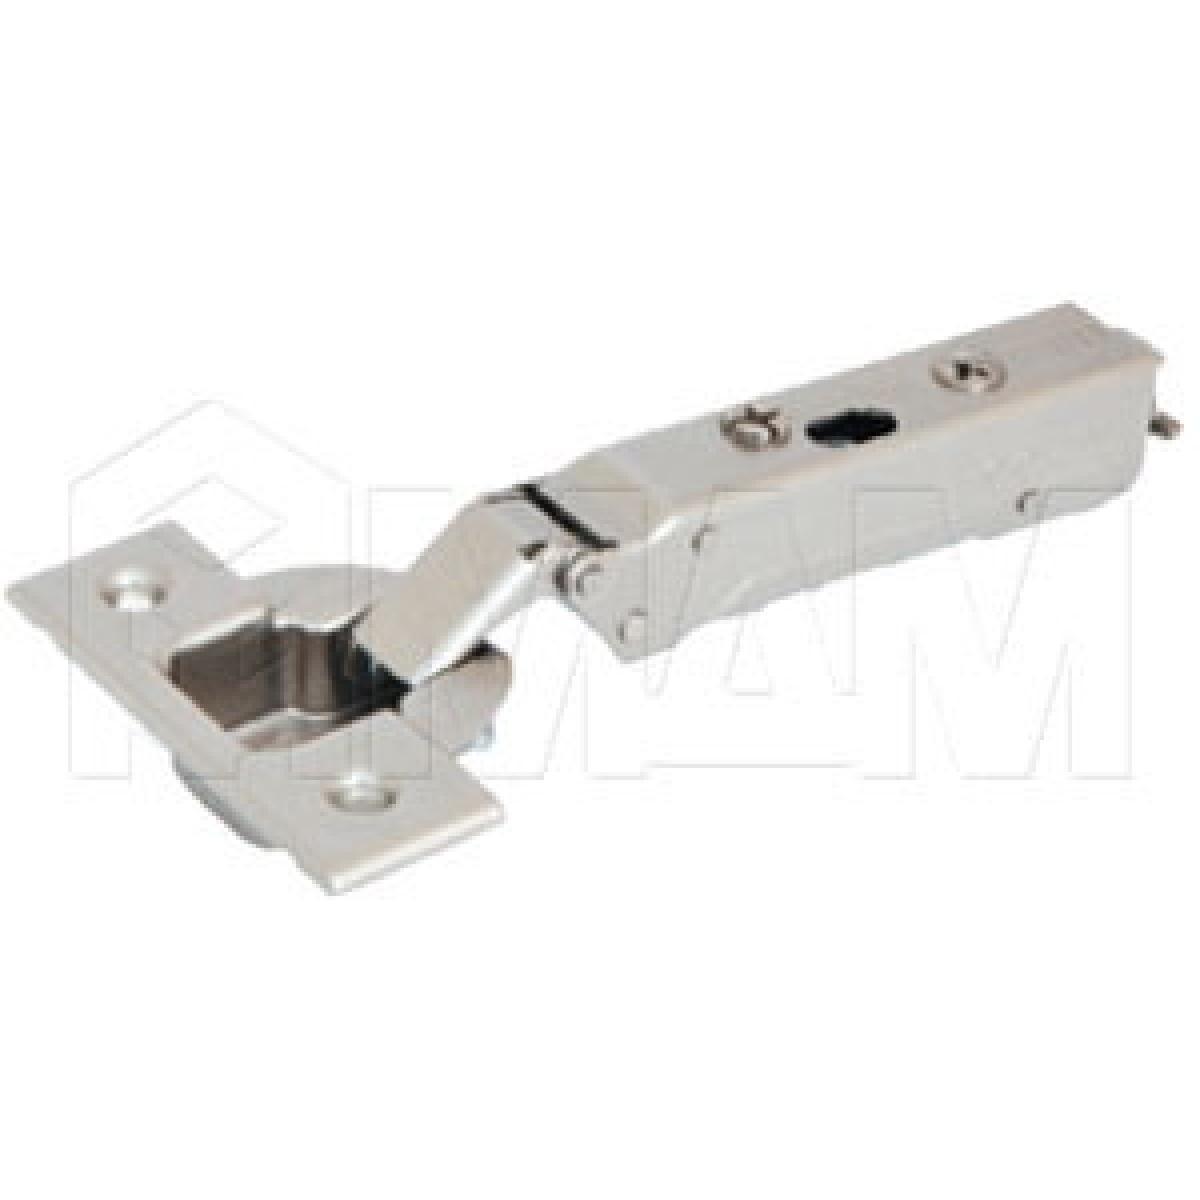 Четырехшарнирные петли - Петля TIOMOS со встроенным амортизатором стандартная (90/95) накладная, для фасадов толщиной до 28 мм